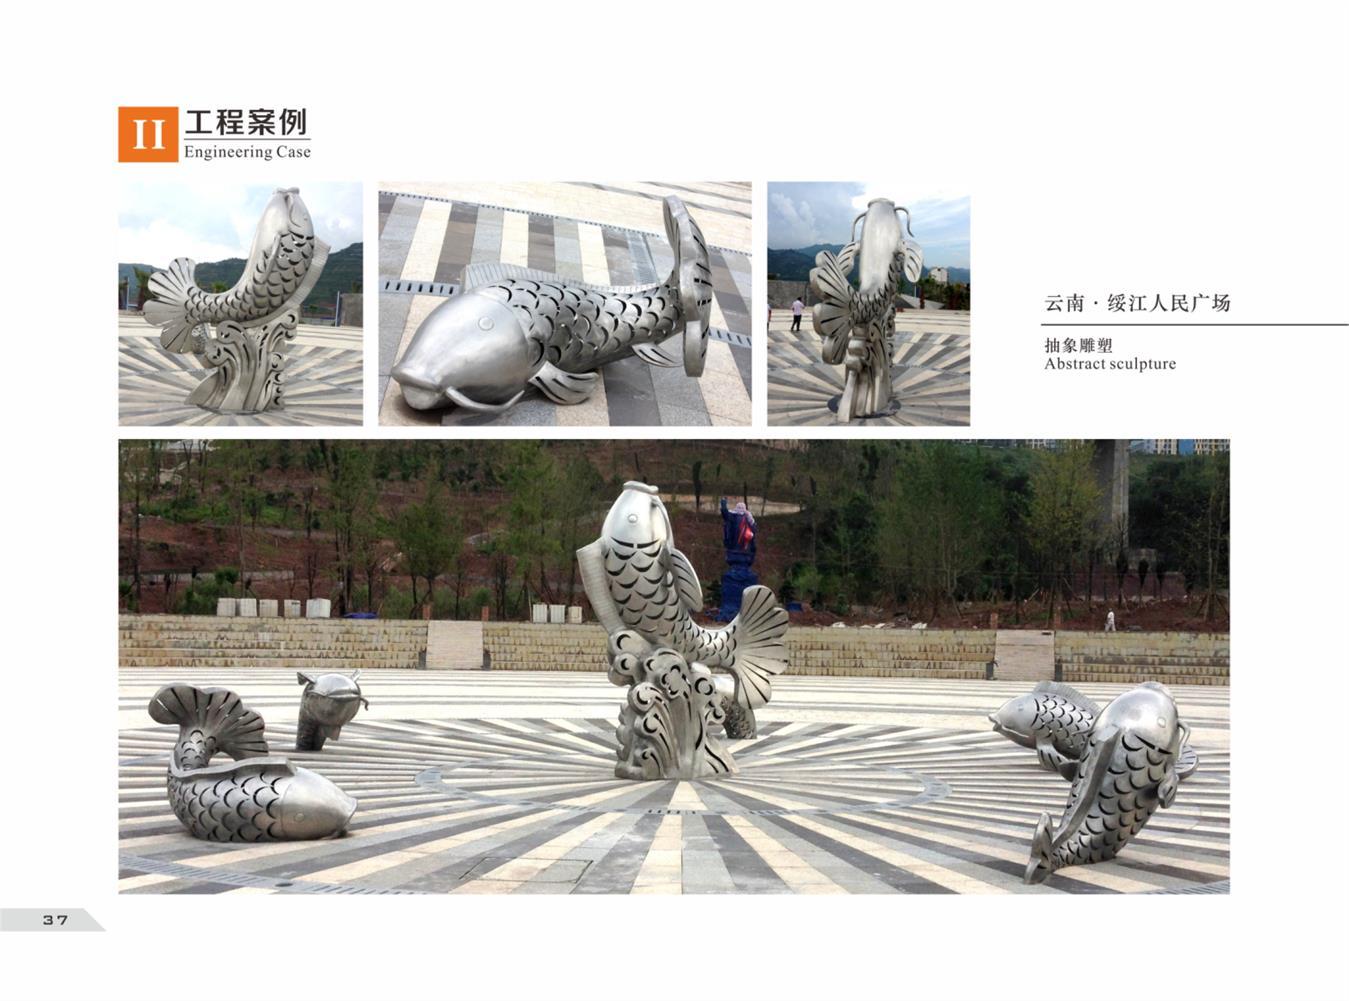 防城港城市雕塑